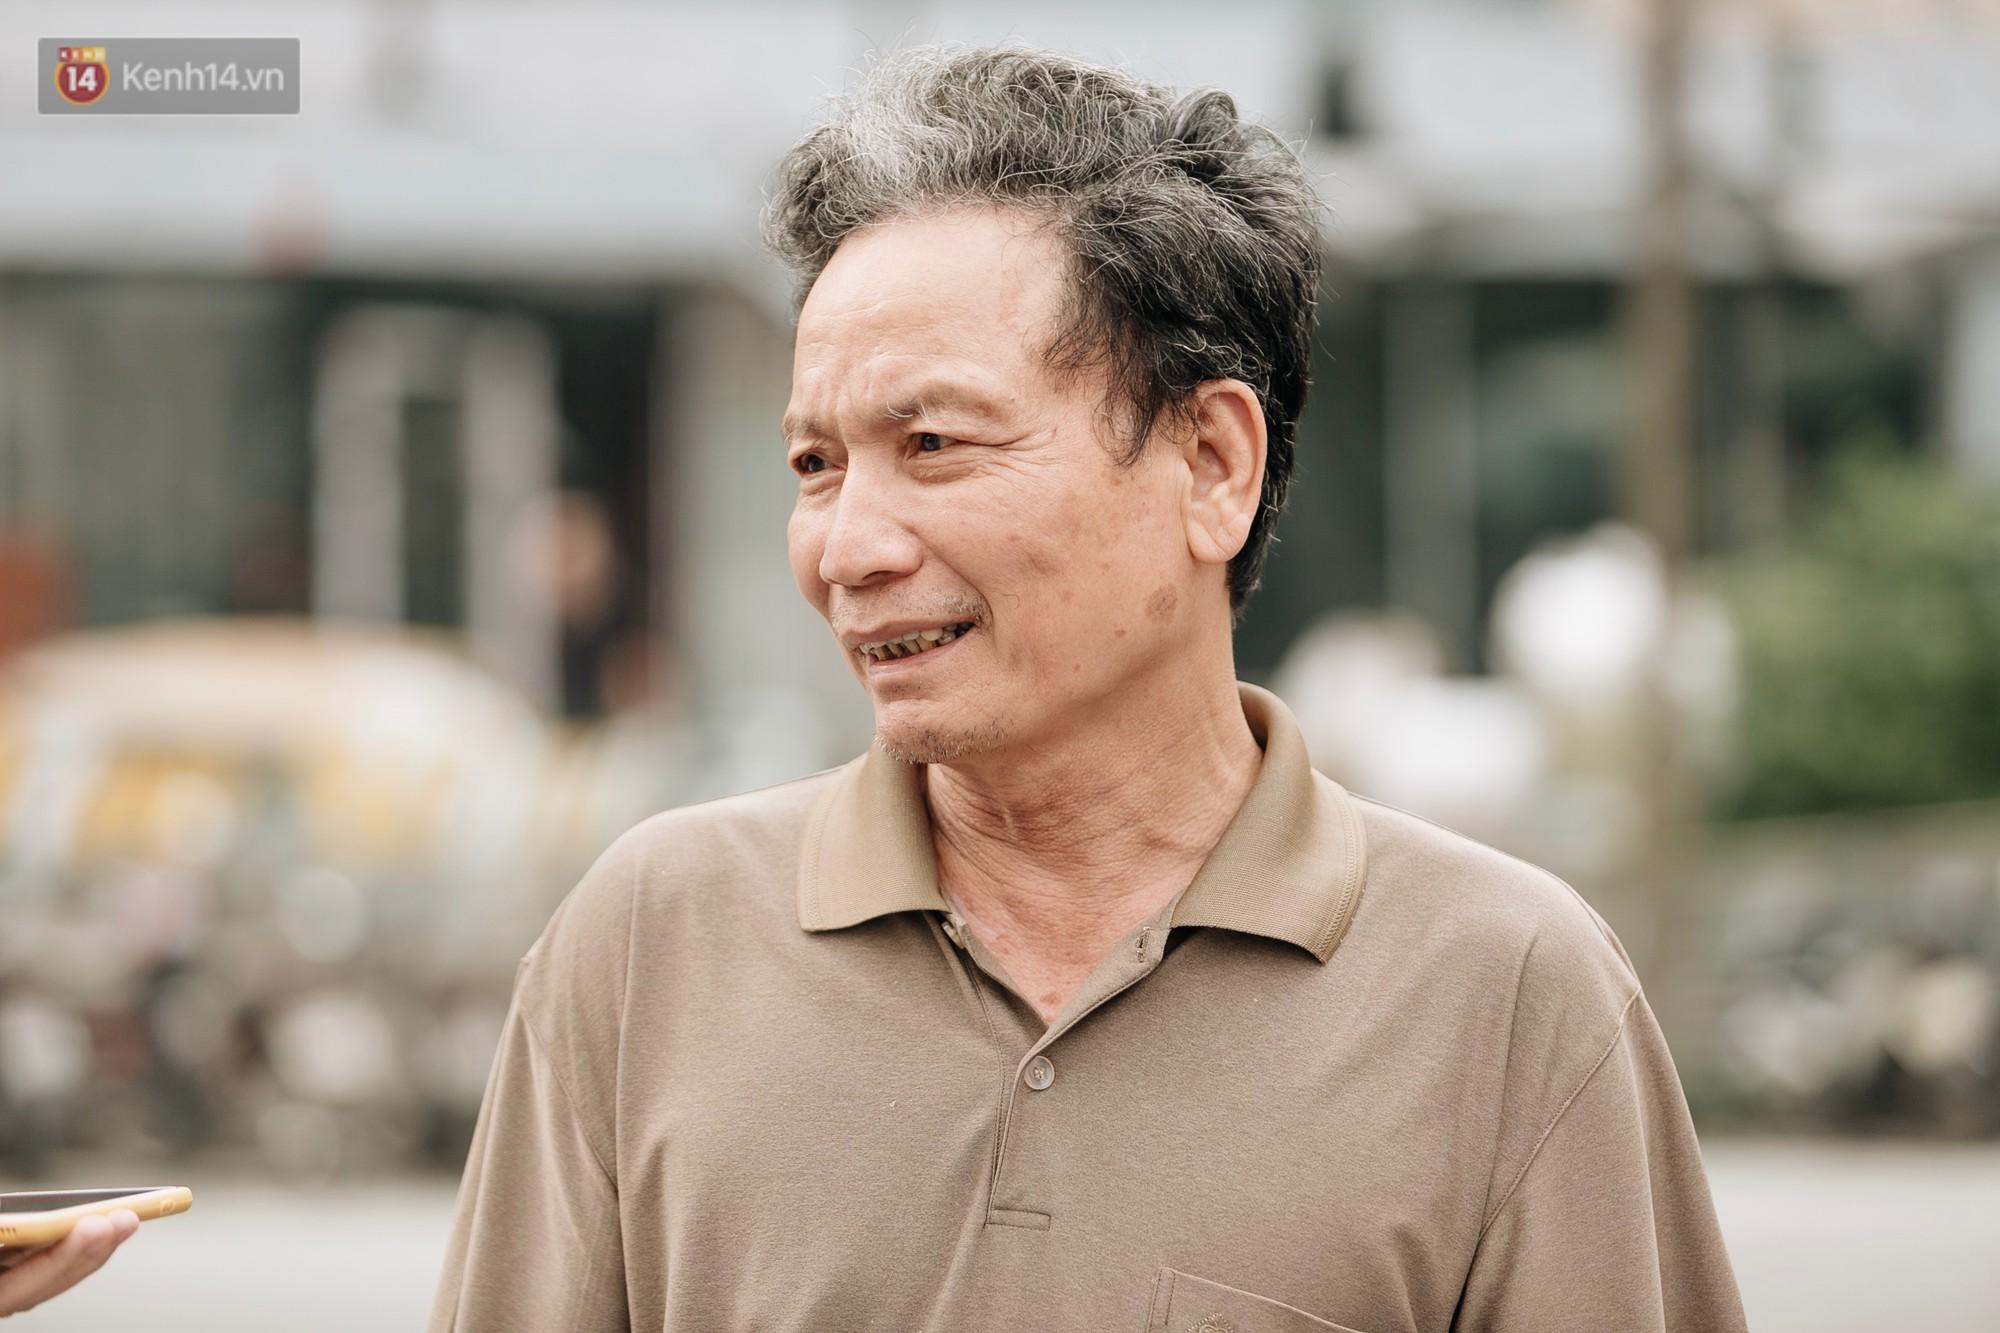 Chuyên gia và người dân nói về thí điểm cấm xe máy trên 2 tuyến đường ở Hà Nội: Phải có lộ trình, sau đó từng bước phát triển hạ tầng, giao thông công cộng - Ảnh 5.